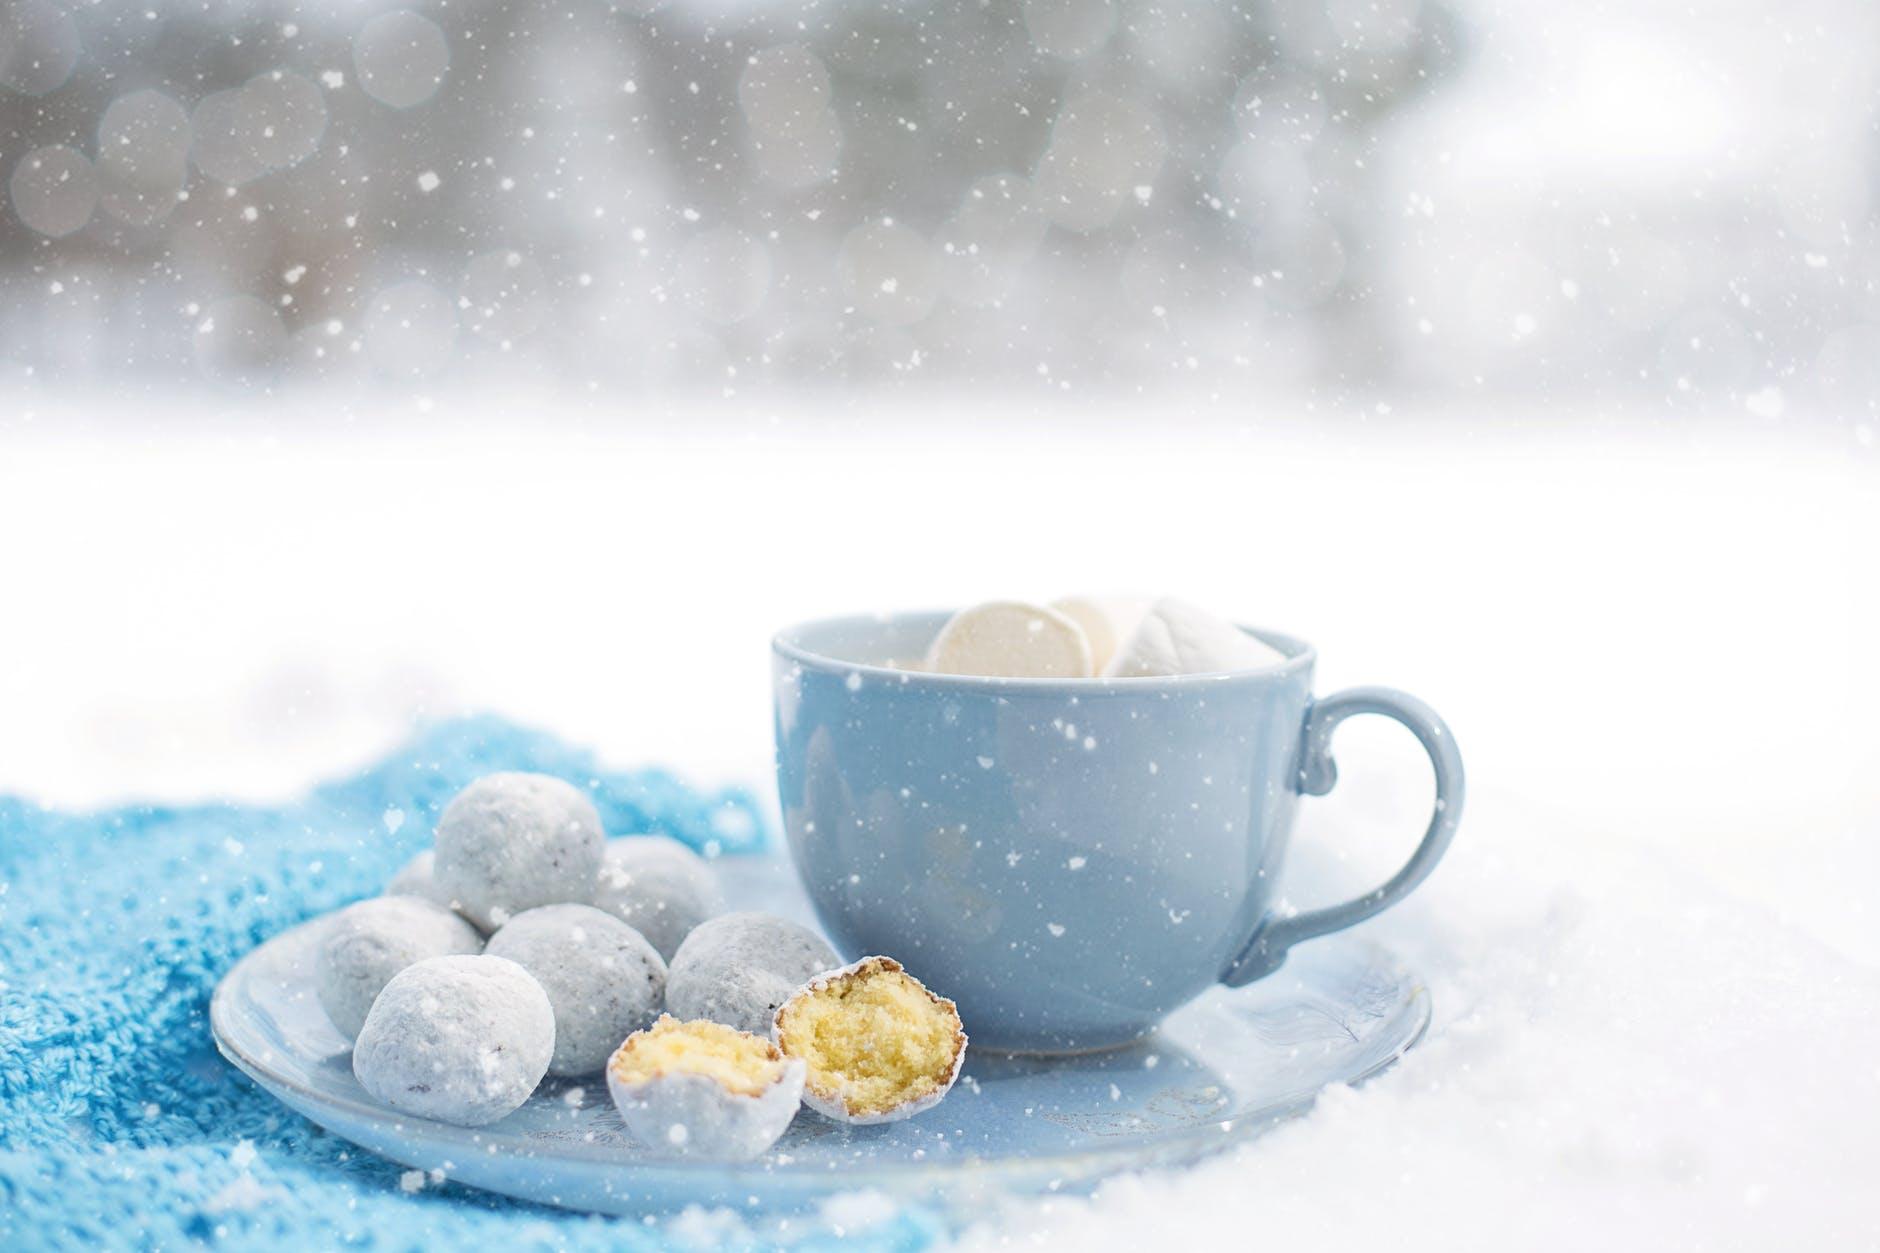 pastries near blue ceramic mug on round plate